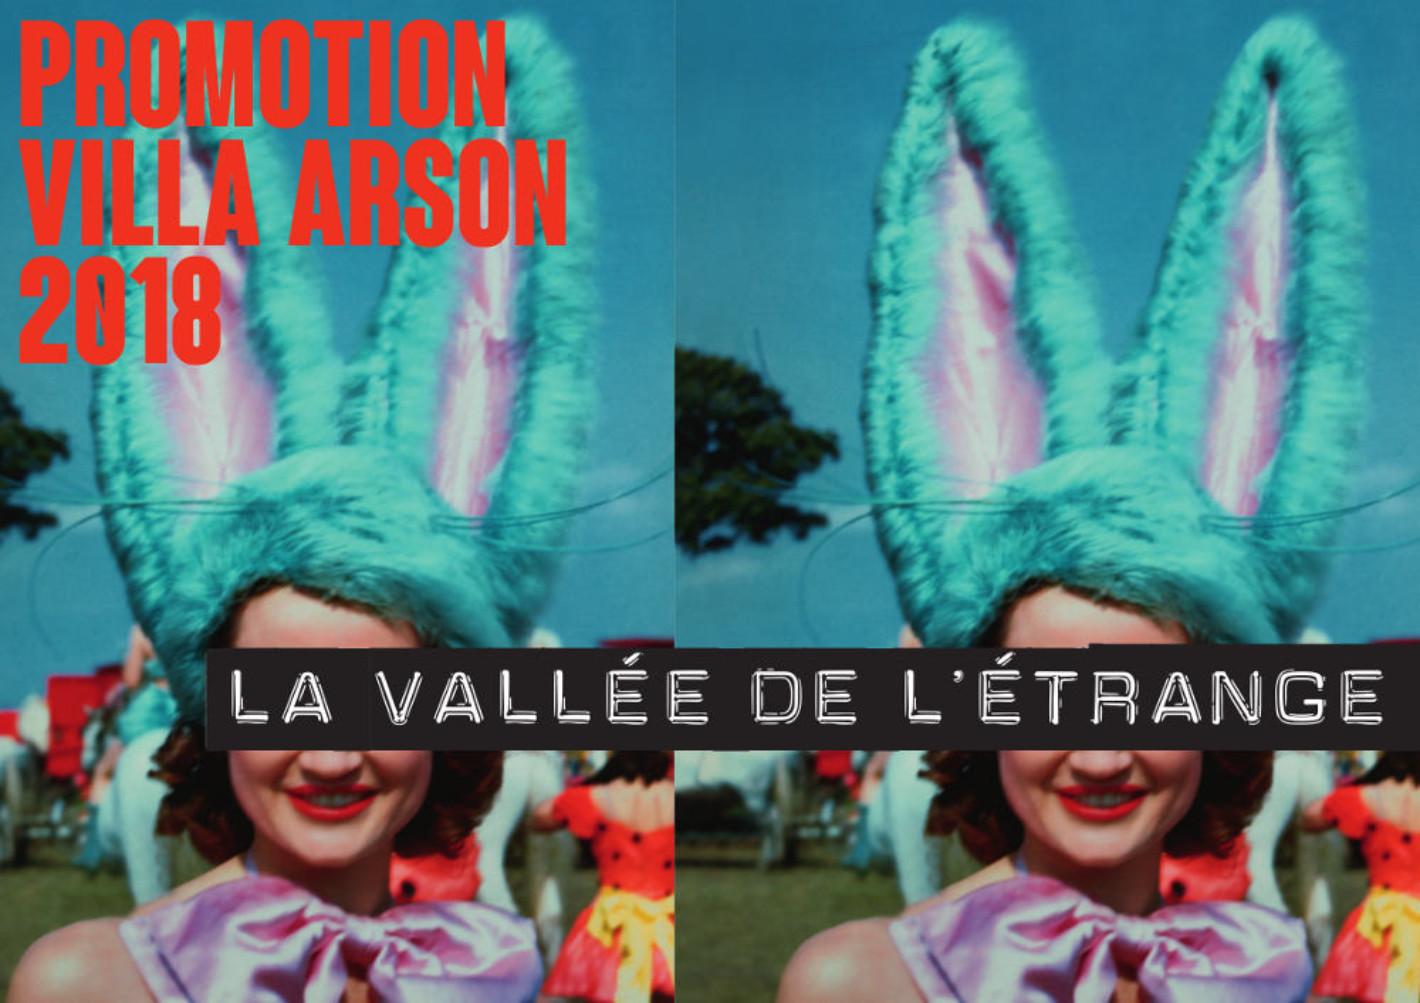 PROMOTION VILLA ARSON 2018 : La Vallée de l'étrange – volet 1